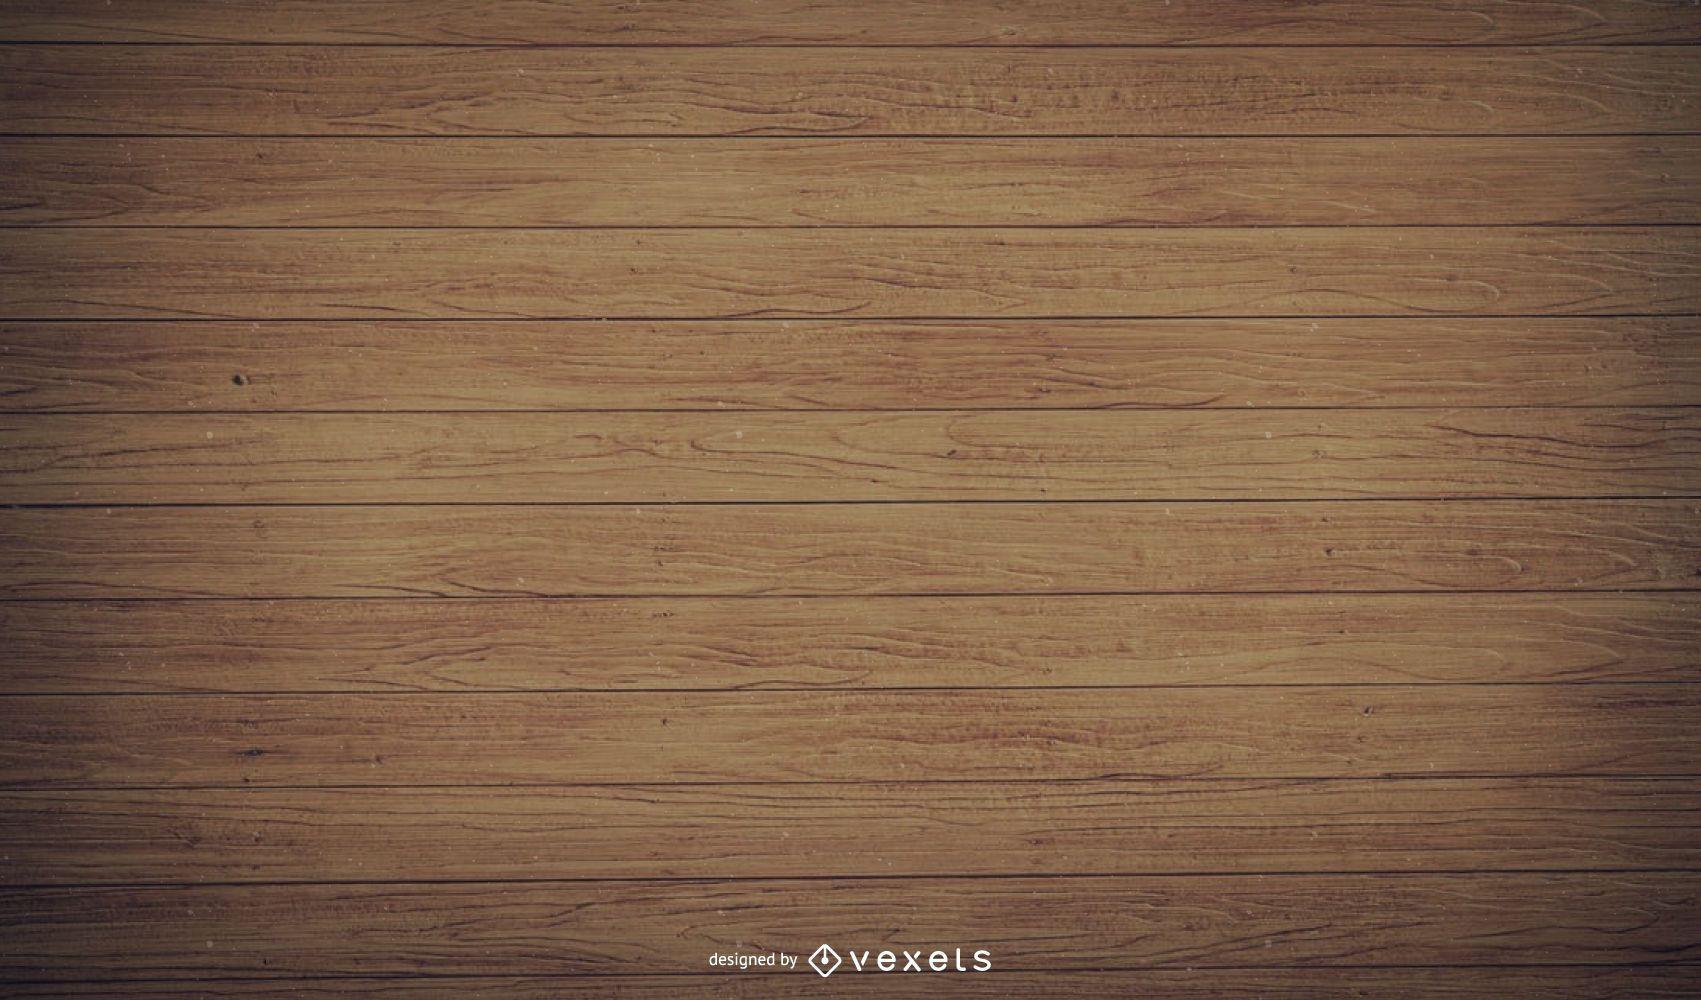 Viejos tablones de madera realistas con cortinas